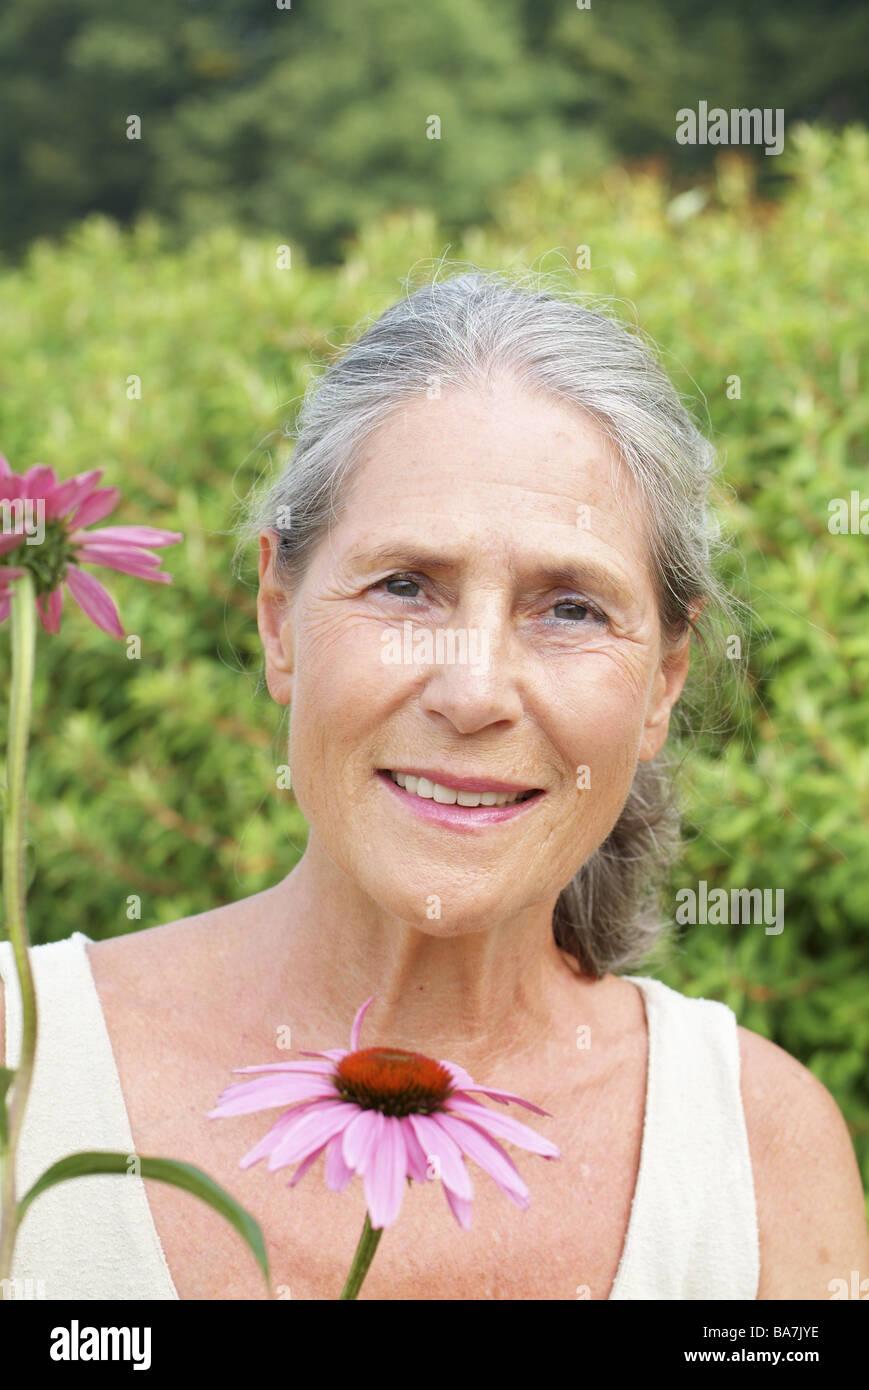 recherche femme 60 70 ans